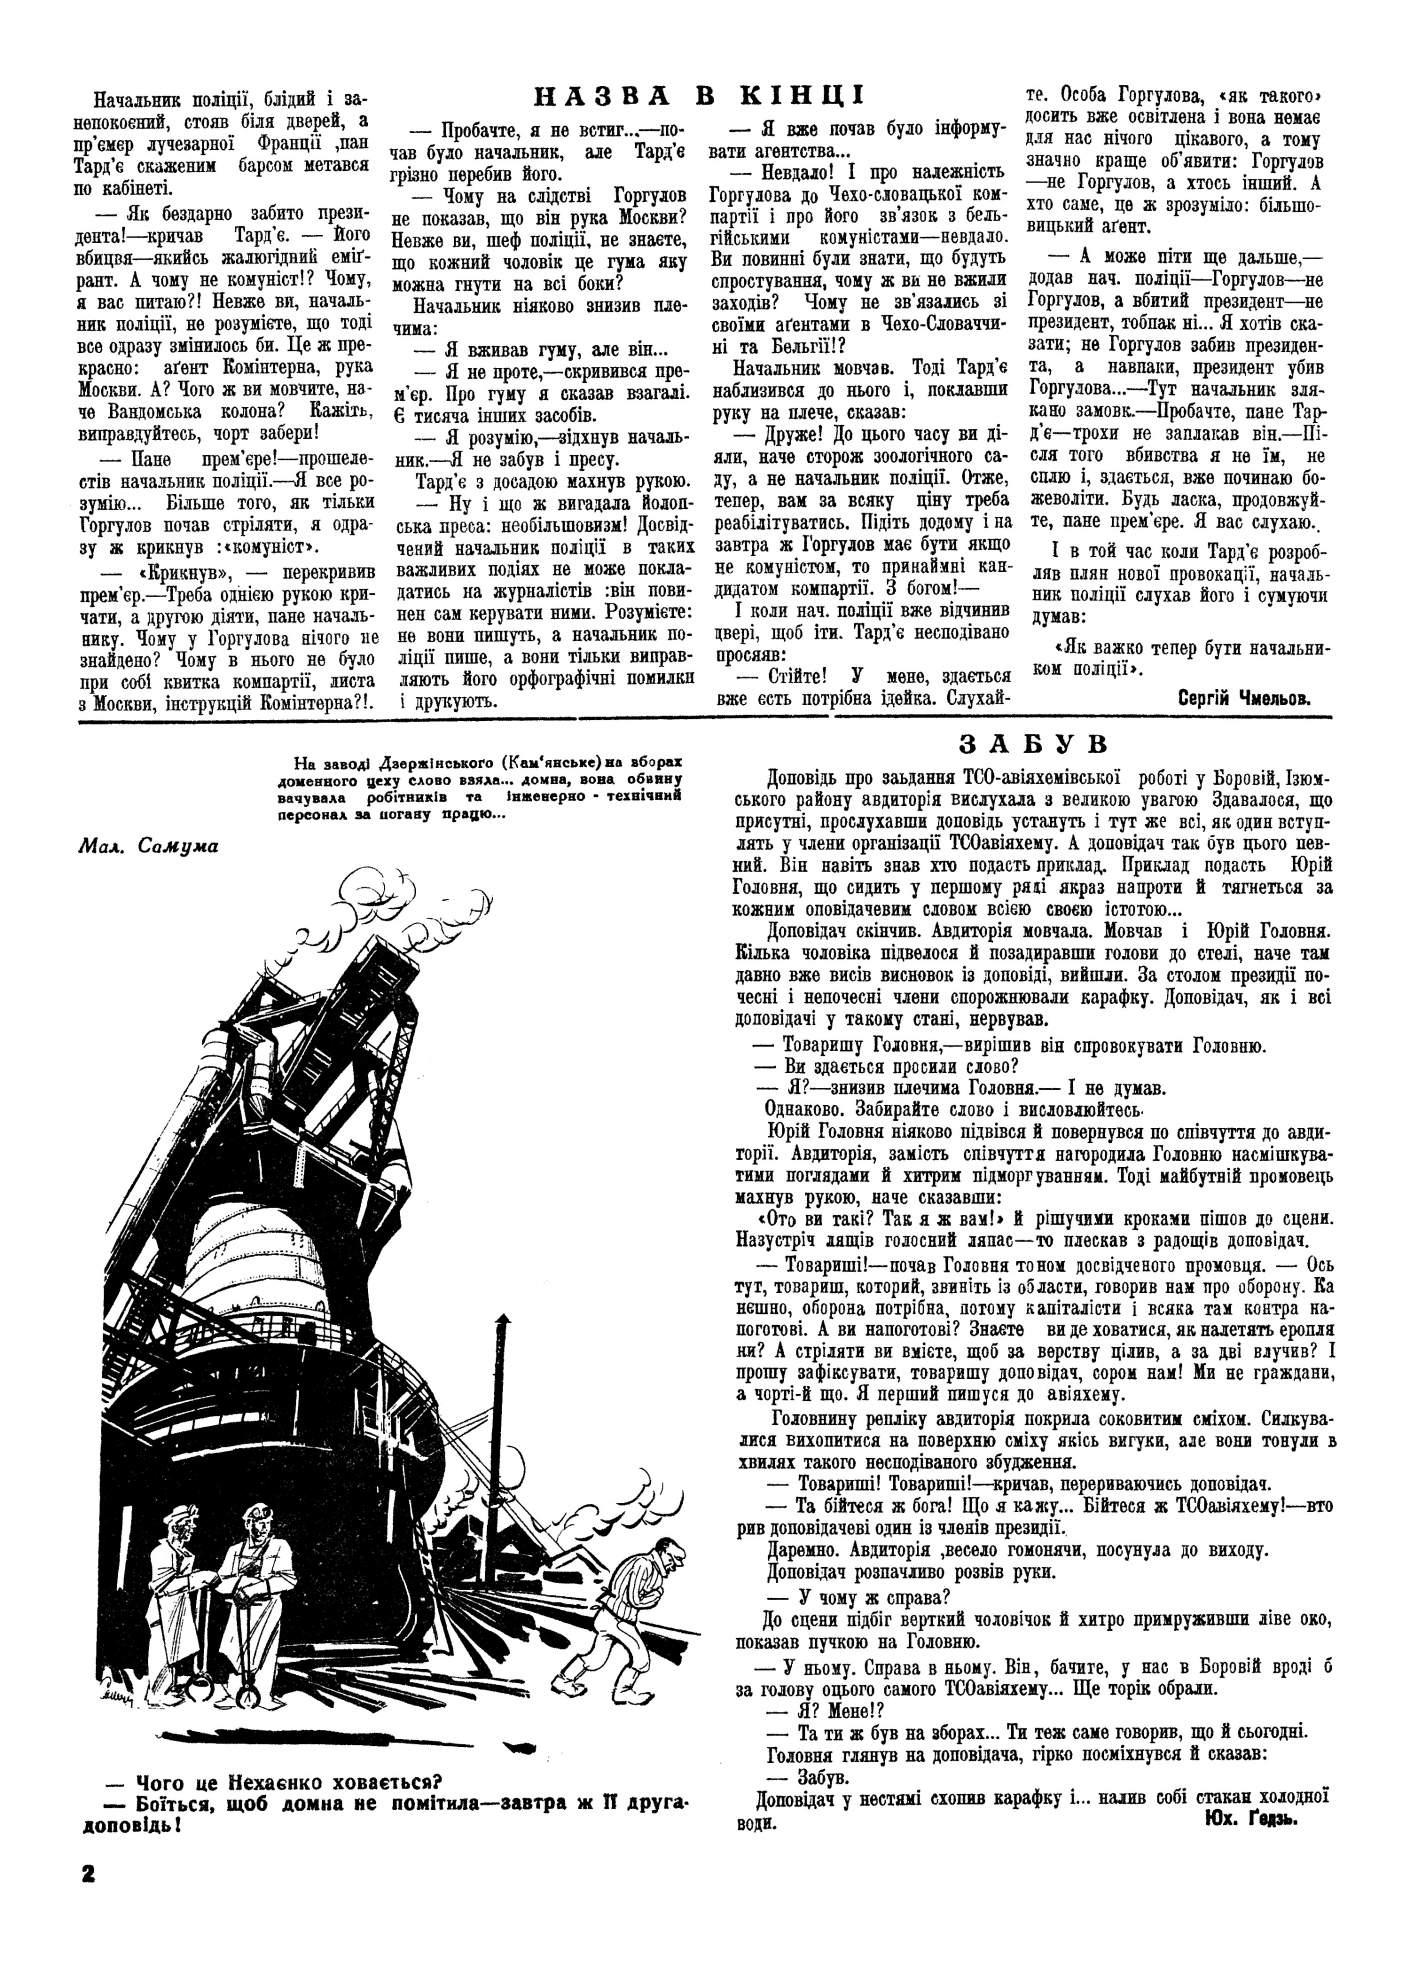 Журнал перець 1932 №10